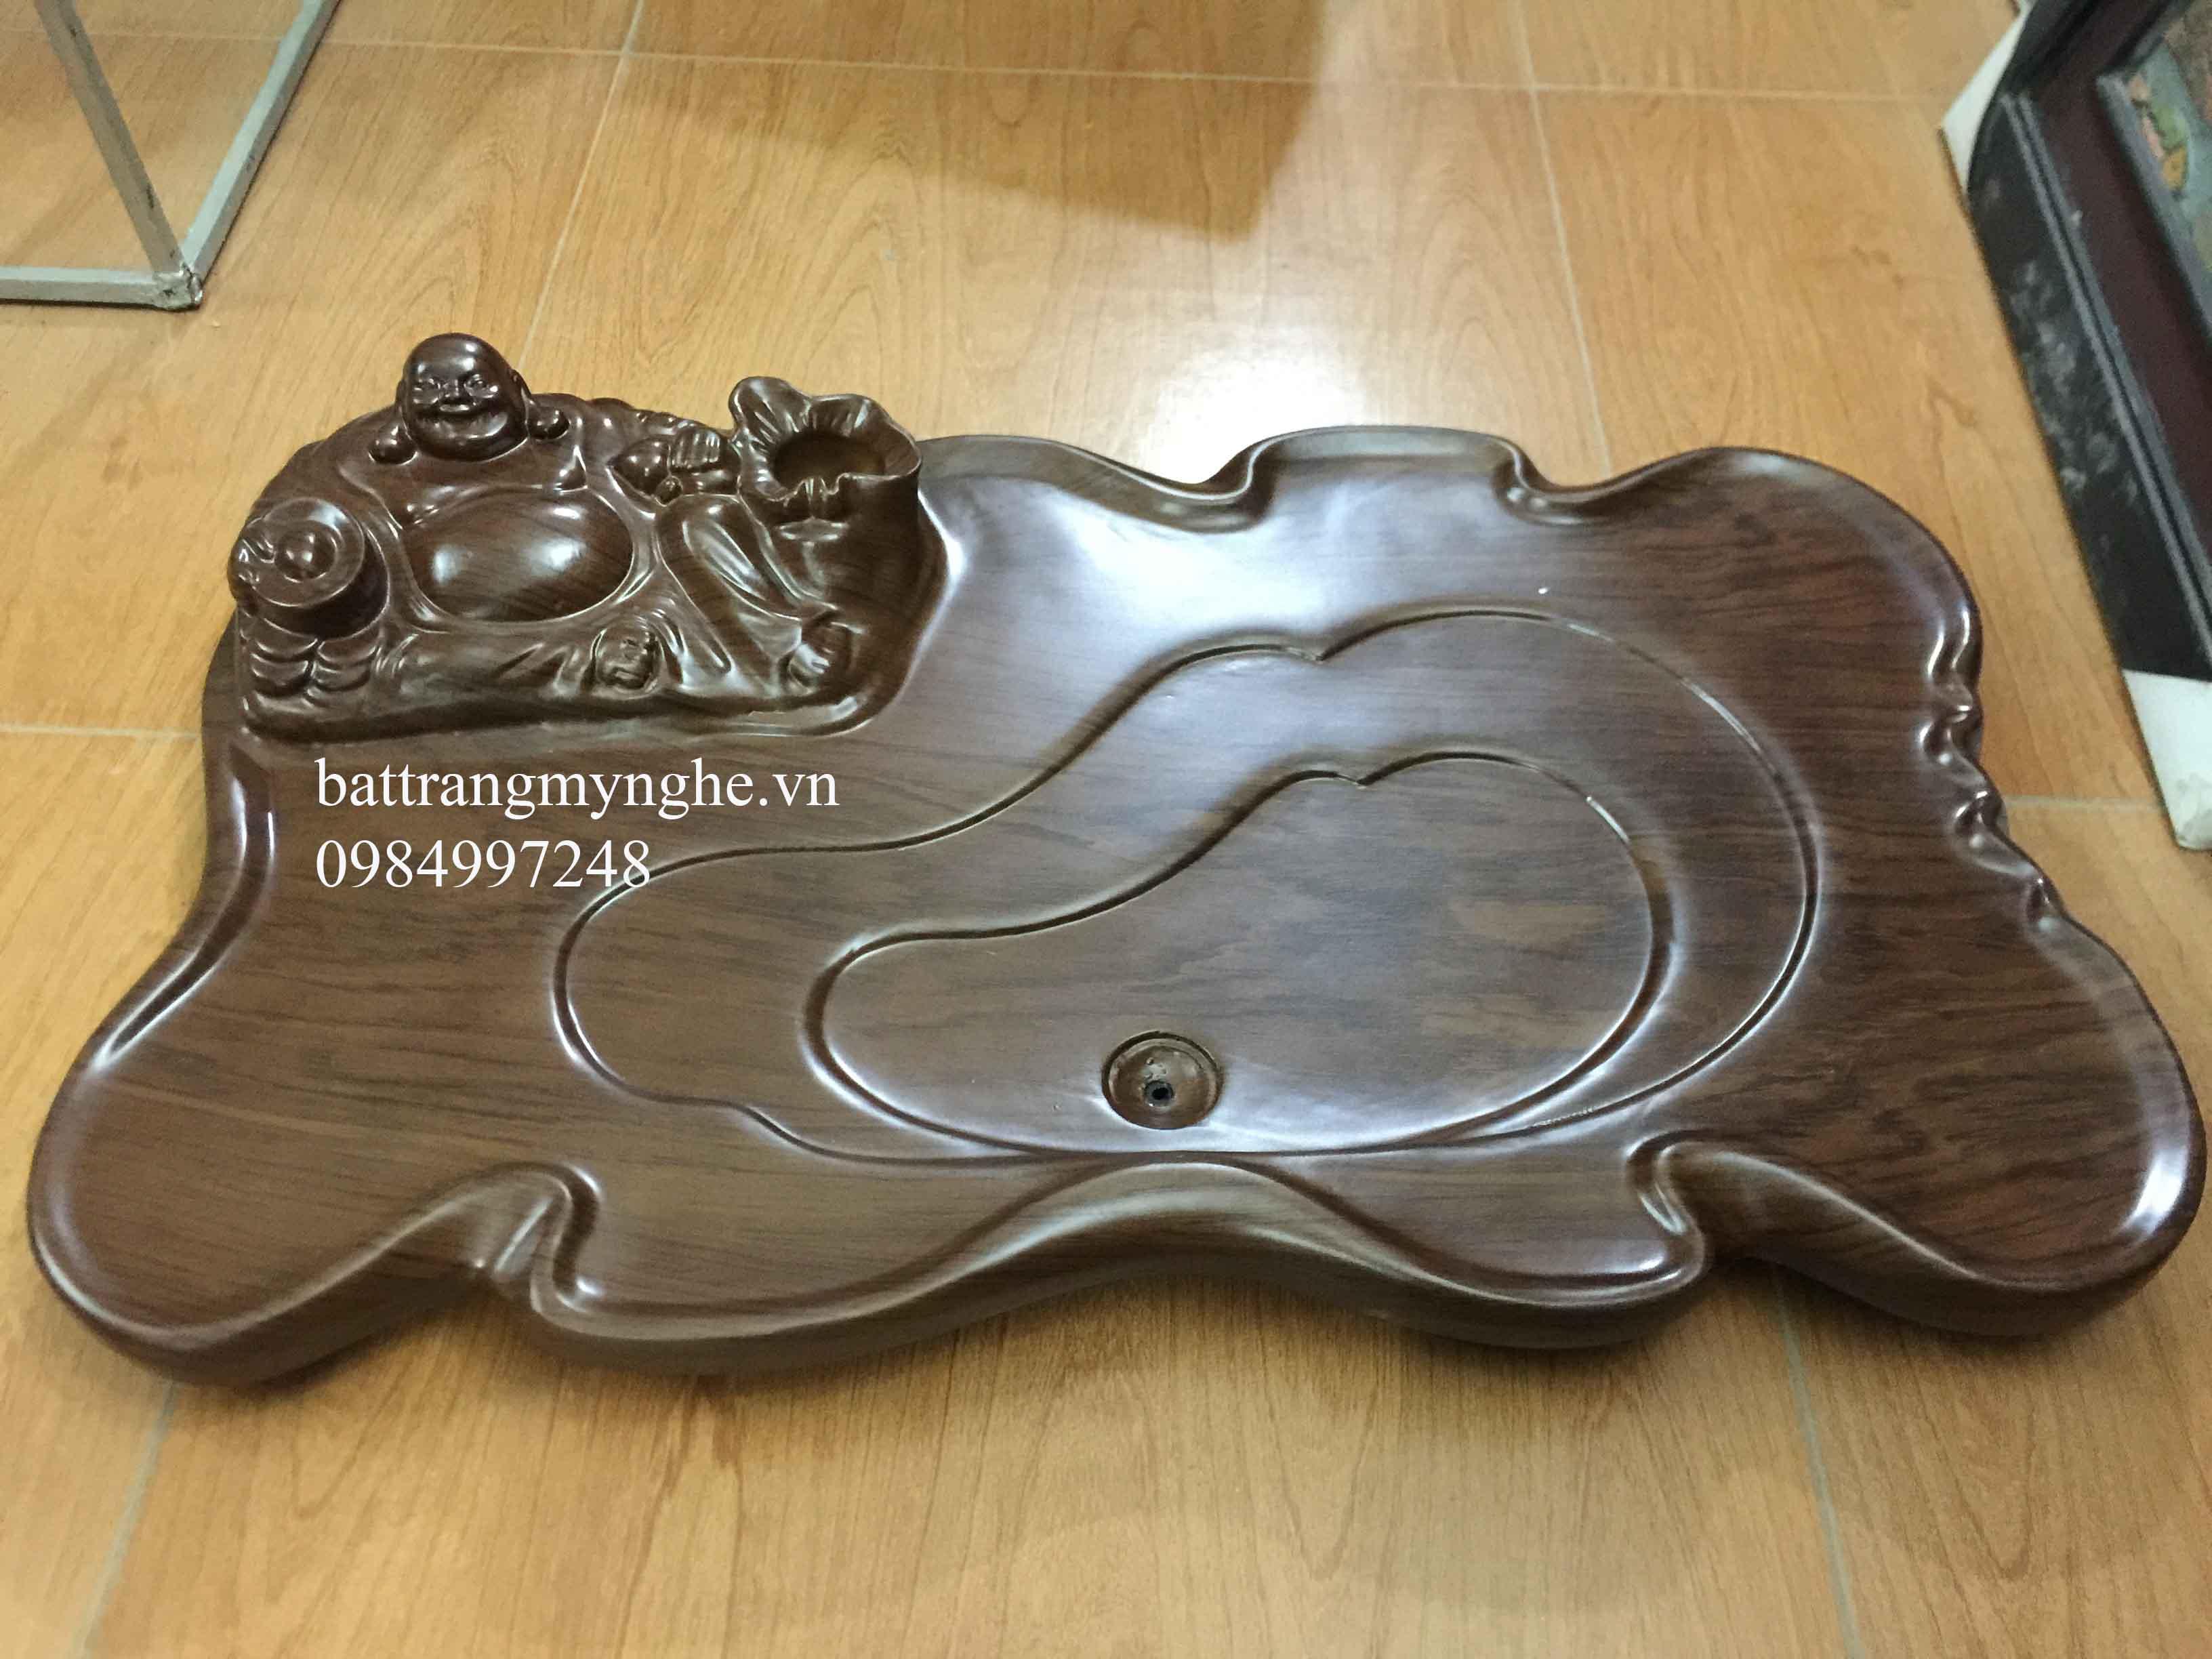 Khay gỗ to di lạc dài 80cm rộng 60cm